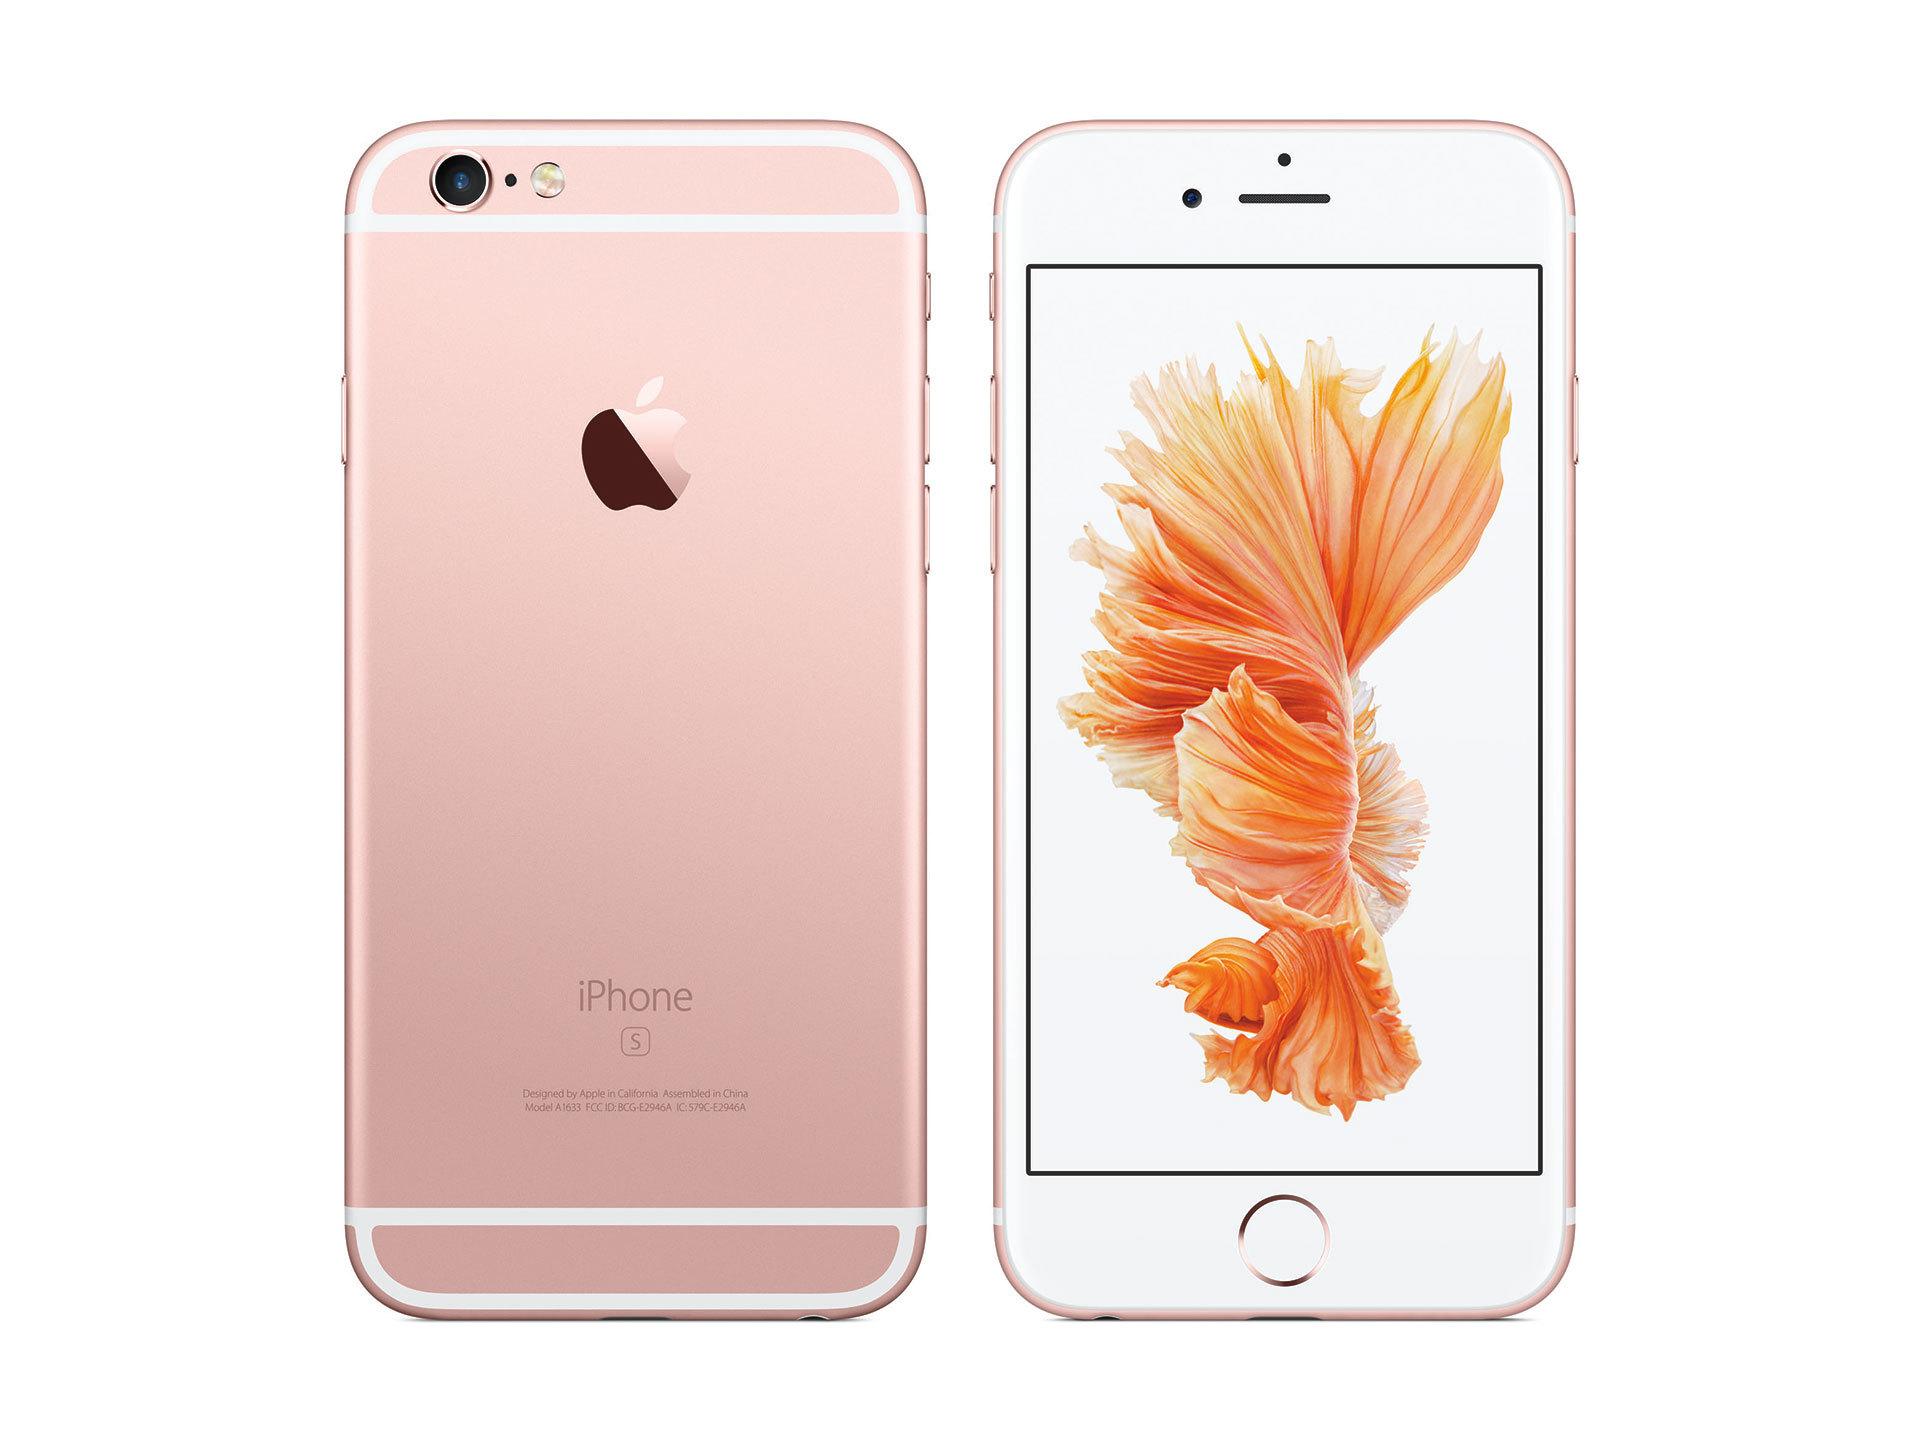 تلفن های هوشمند با سخت افزاری متفاوت